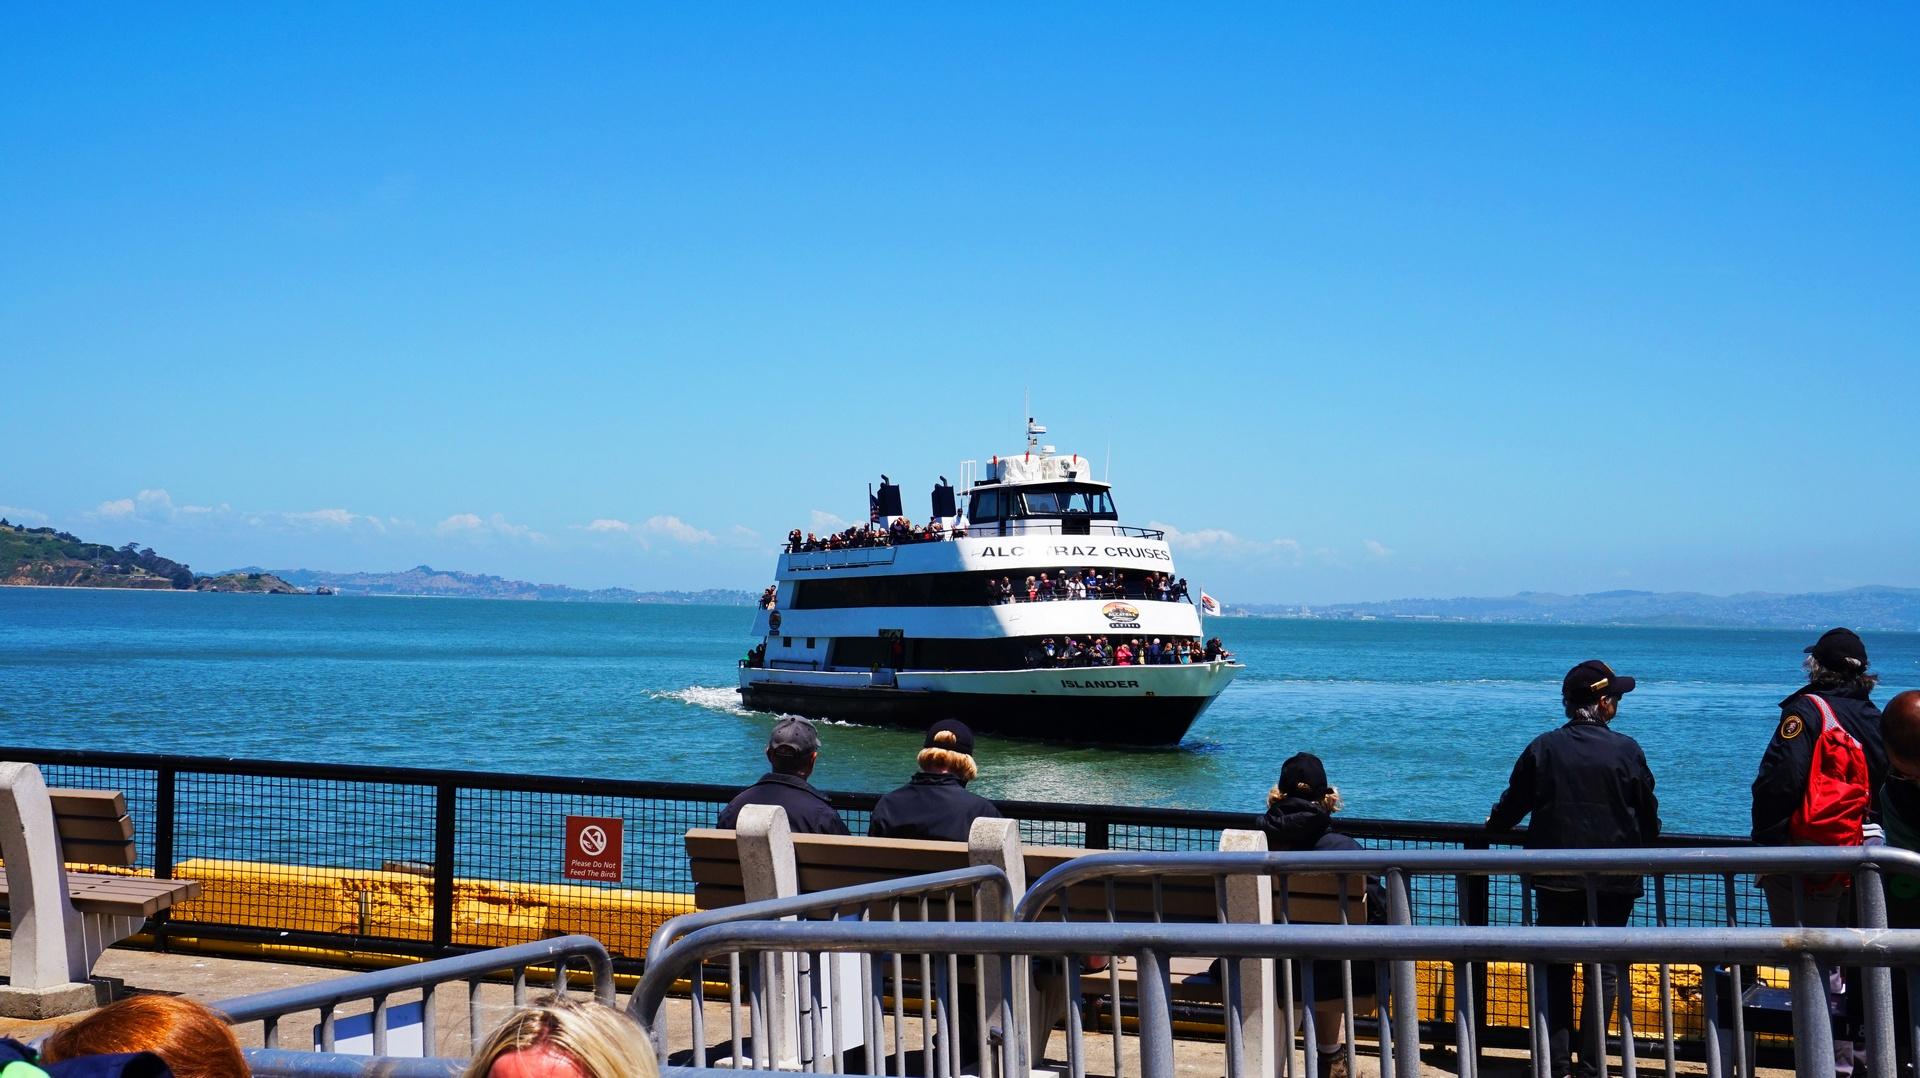 Prom kursujący na trasie San Francisco - Alcatraz, USA | Sway the way